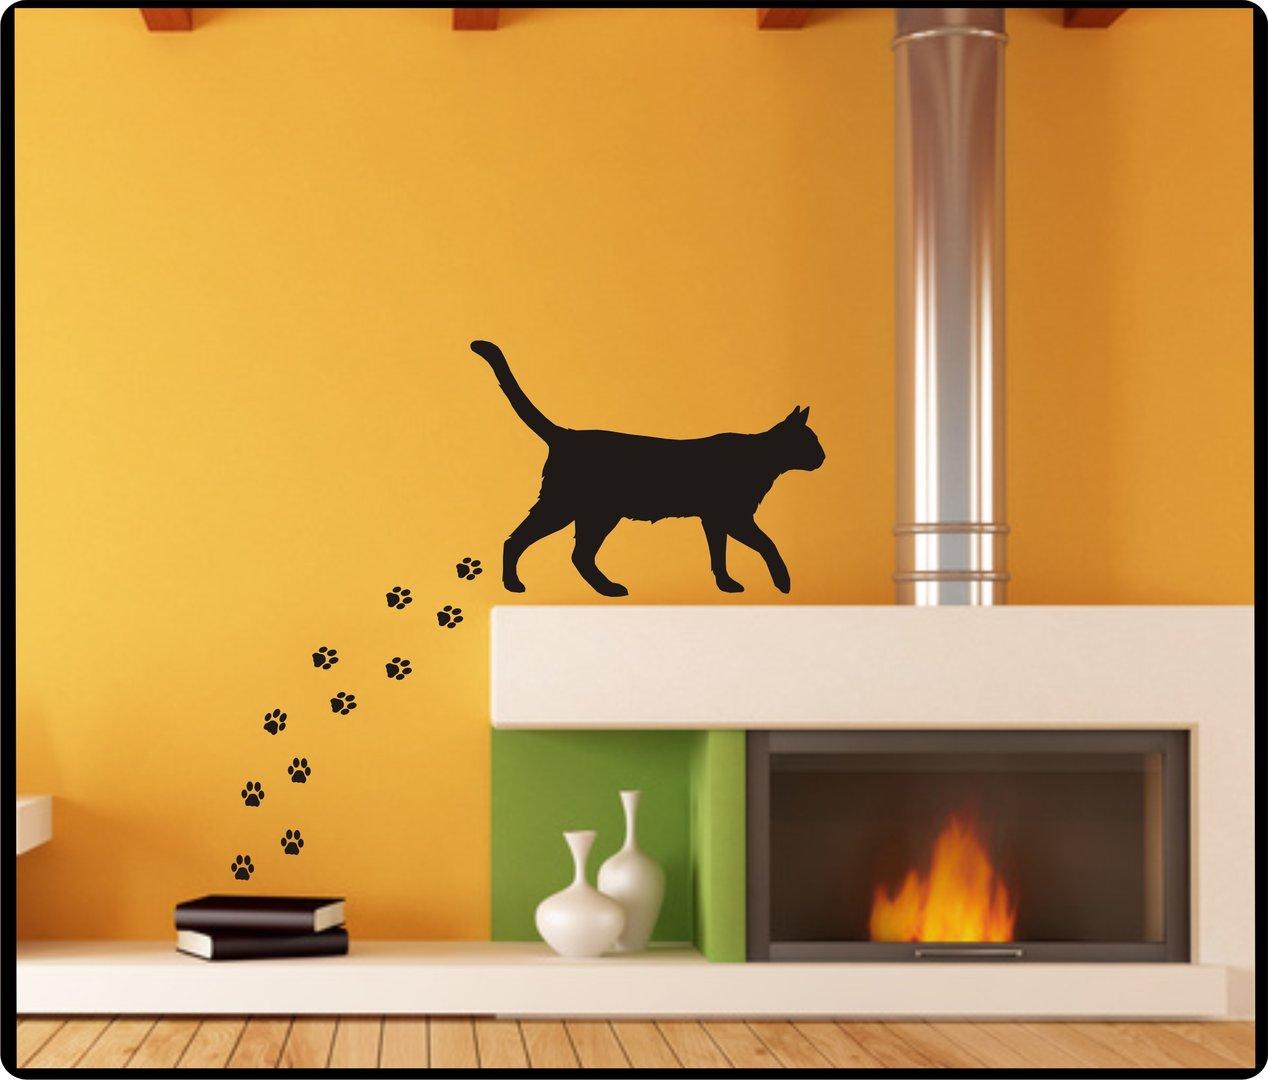 Schön Wandtattoo Katzen Dekoration Von Katze Mit Pfoten- Farb- Und Größenwahl